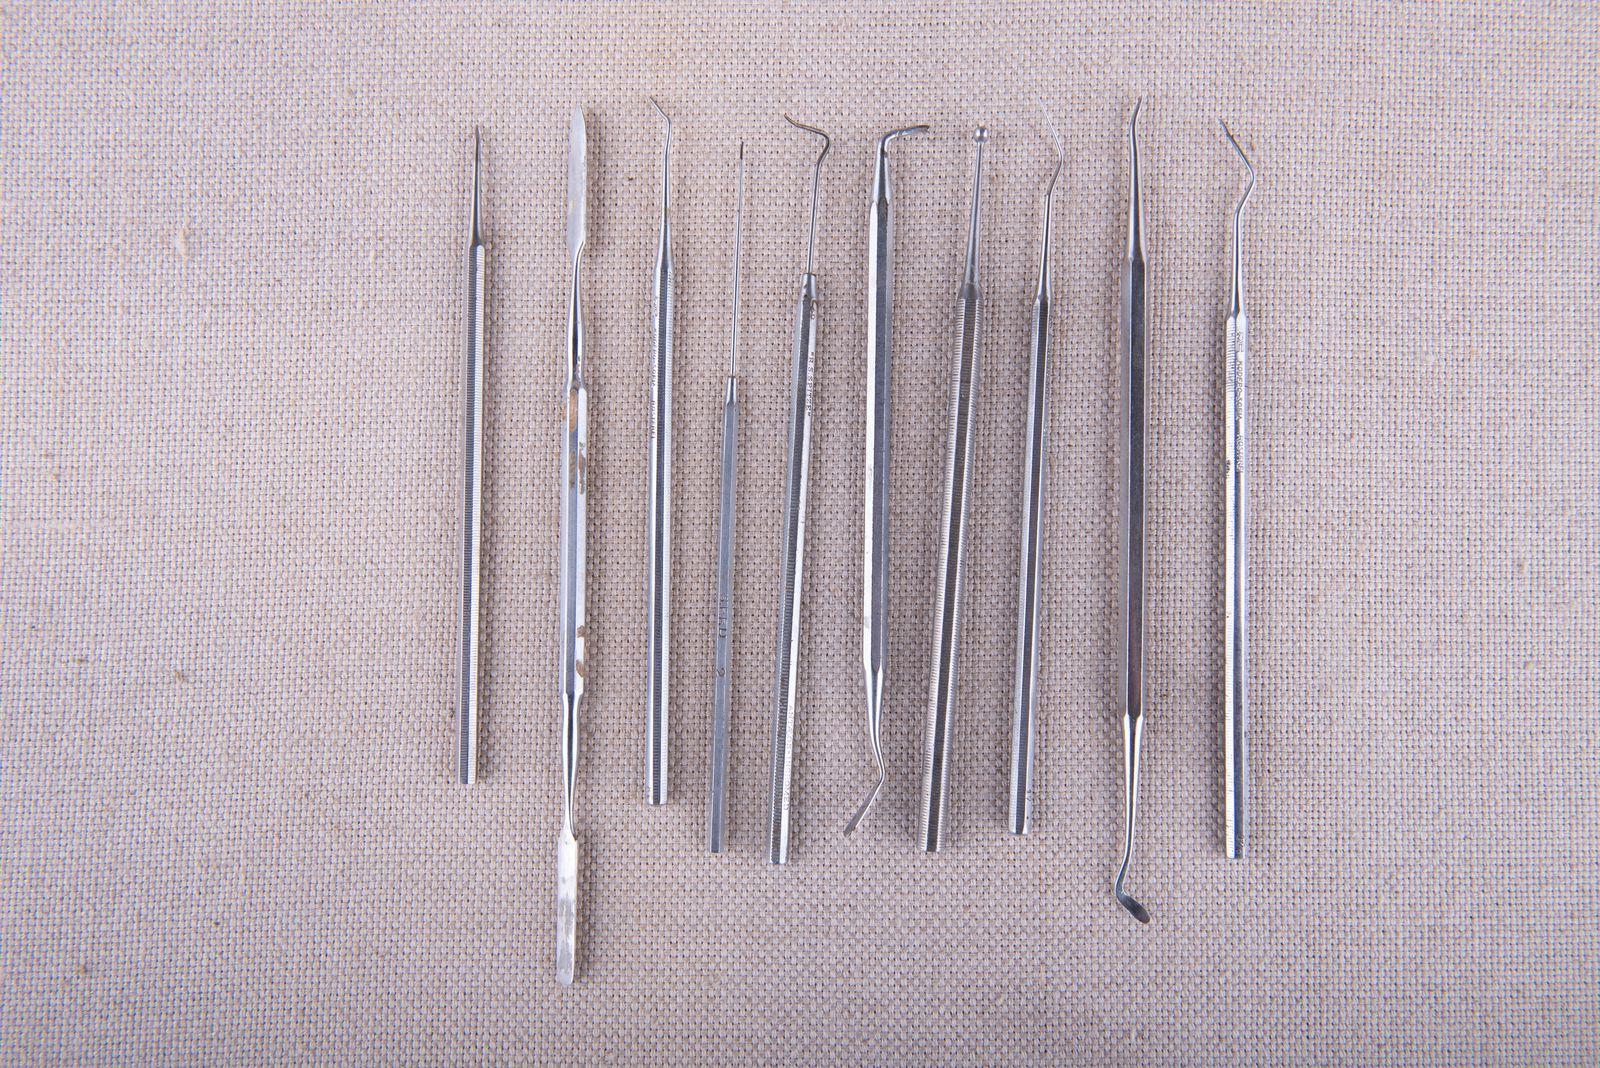 Muzei253_Зъболекарски инструменти и материали